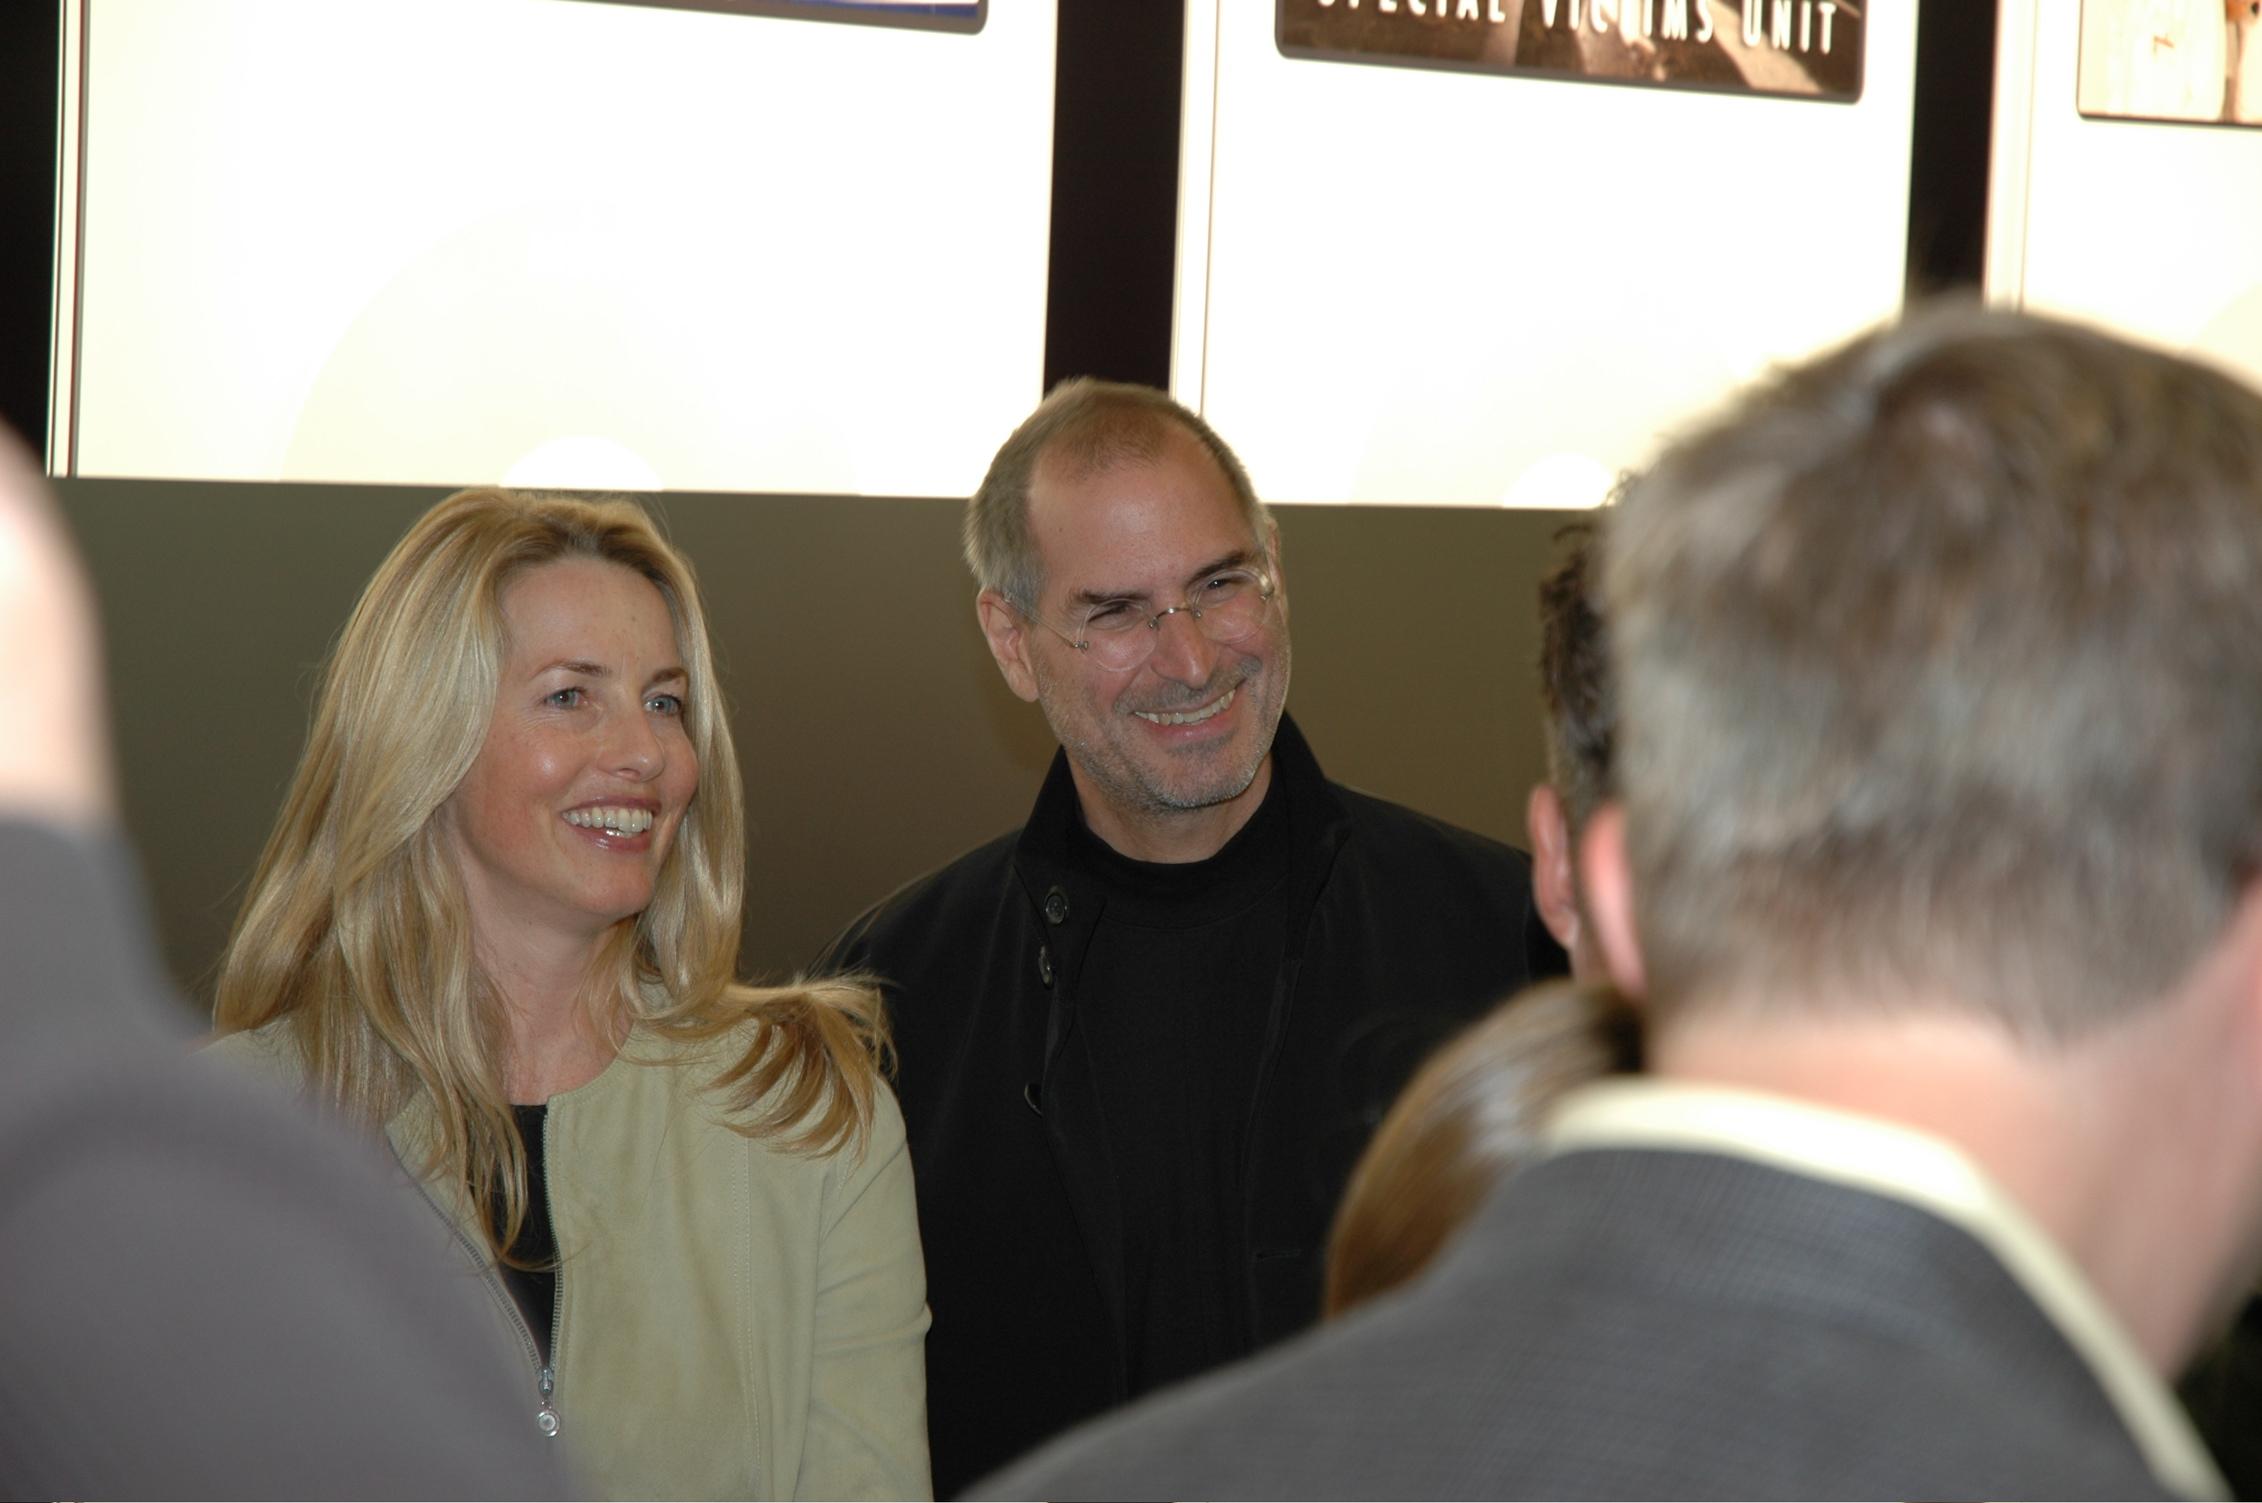 http://www.dennis-voss.de/apple/celeb/img/2.jpg